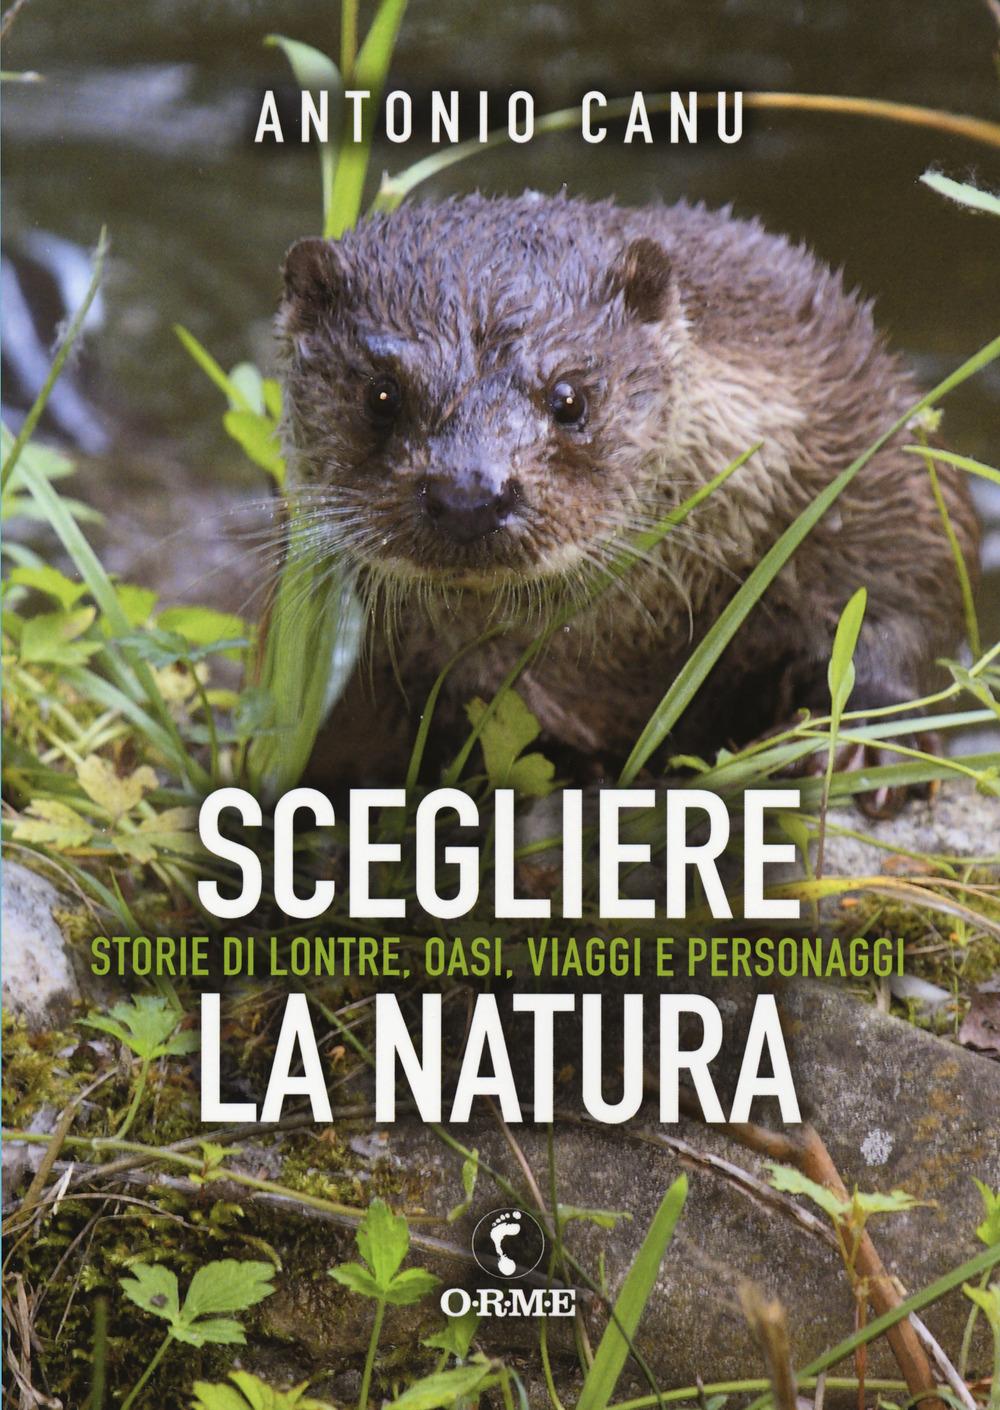 SCEGLIERE LA NATURA - Canu Antonio - 9788867101504